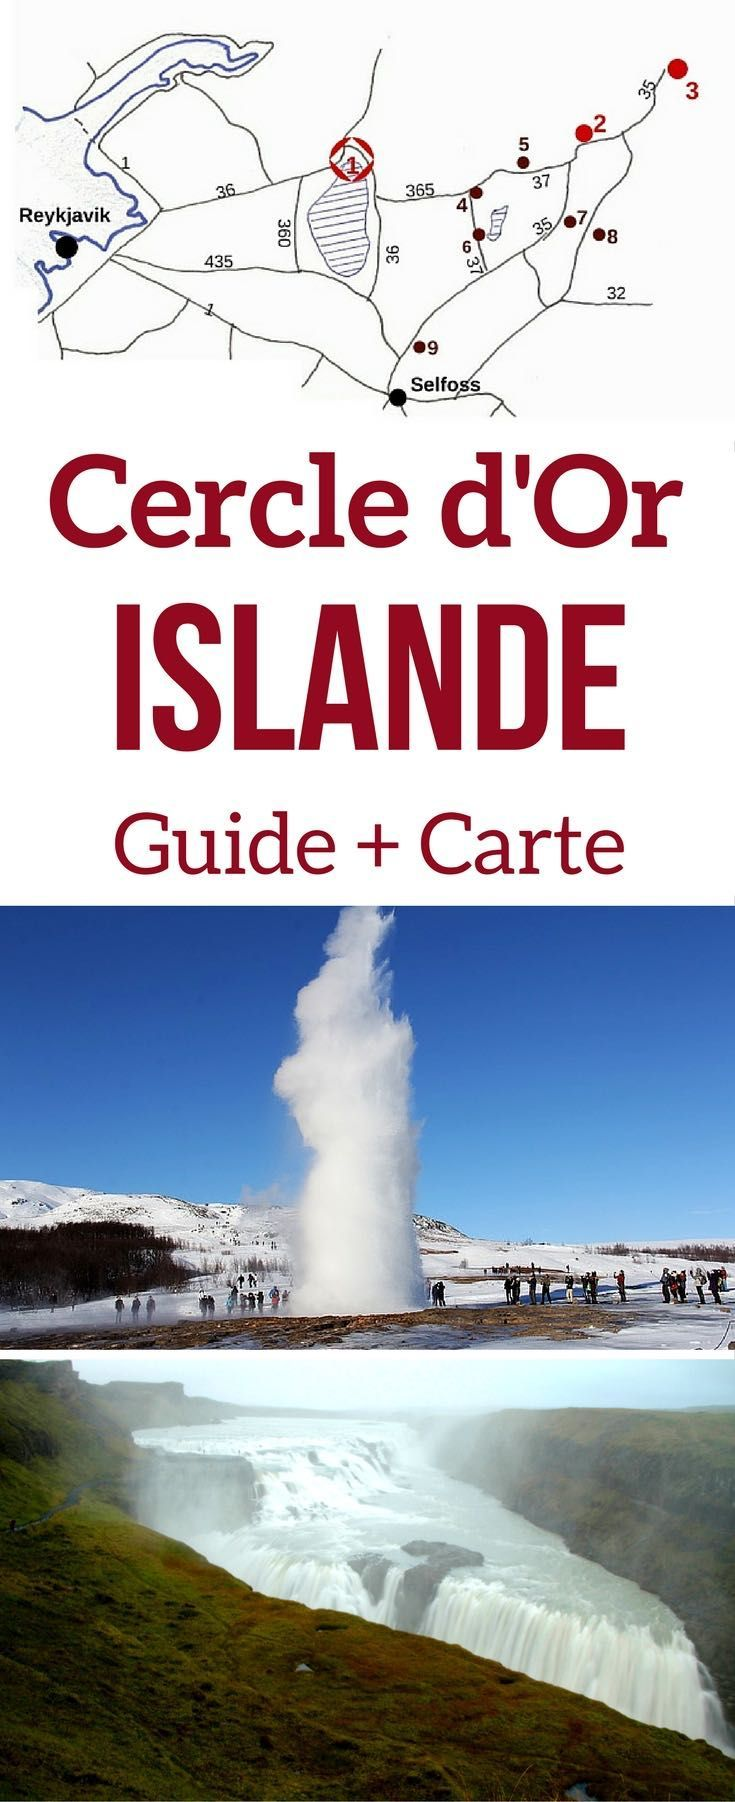 Islande voyage - Visitez le cercle d'or Islande avec ses plus beaux sites: Thingvellir, Gullfoss, Geysir... retrouvez dans l'article une carte détaillée et des conseils pratiques pour planifier votre road trip | Islande paysages | Islande itinéraire | Que faire en Islande